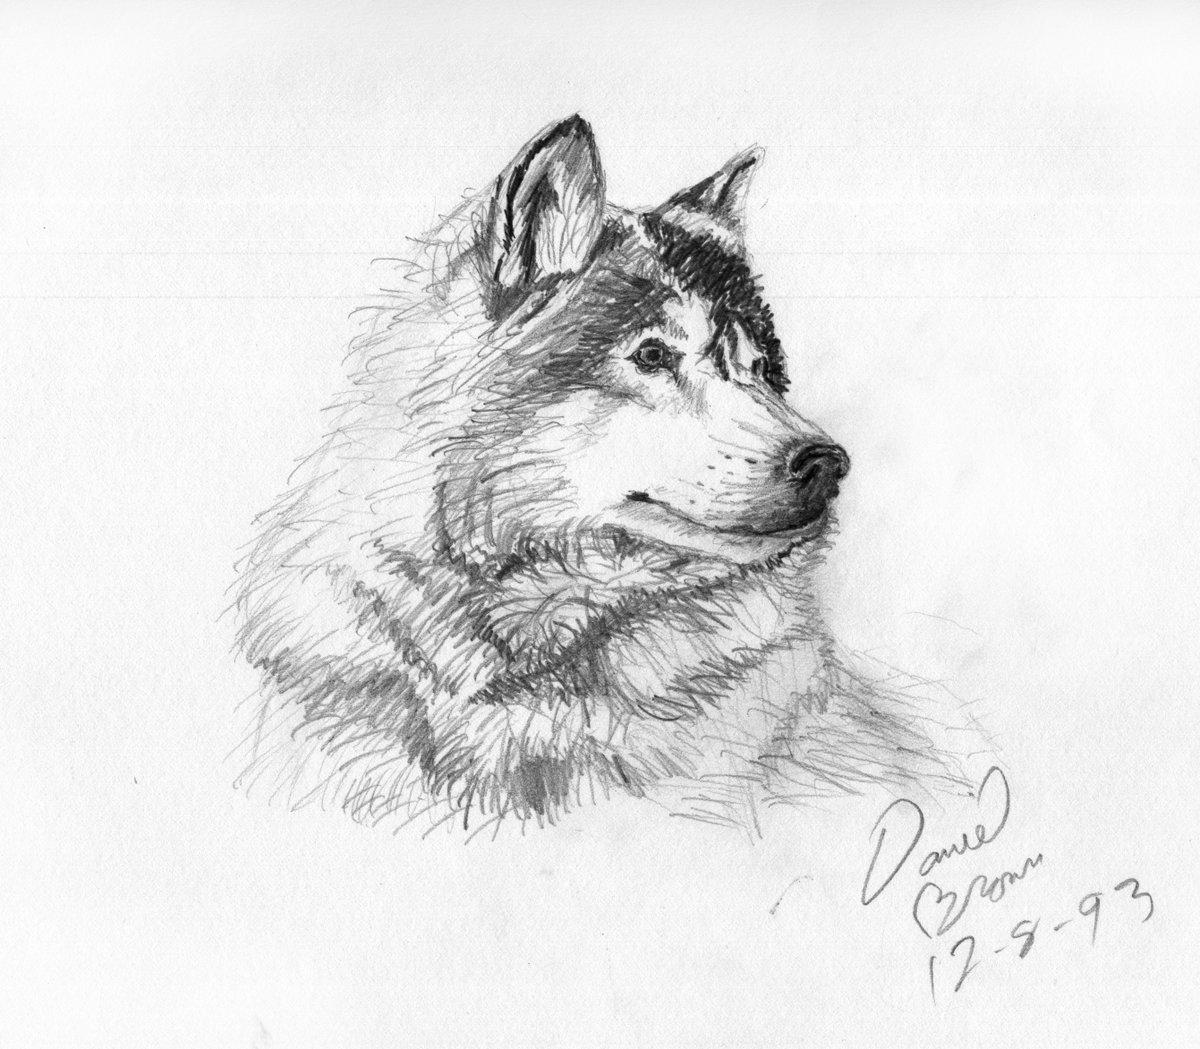 Открытка другу, картинки красивые животных карандашом